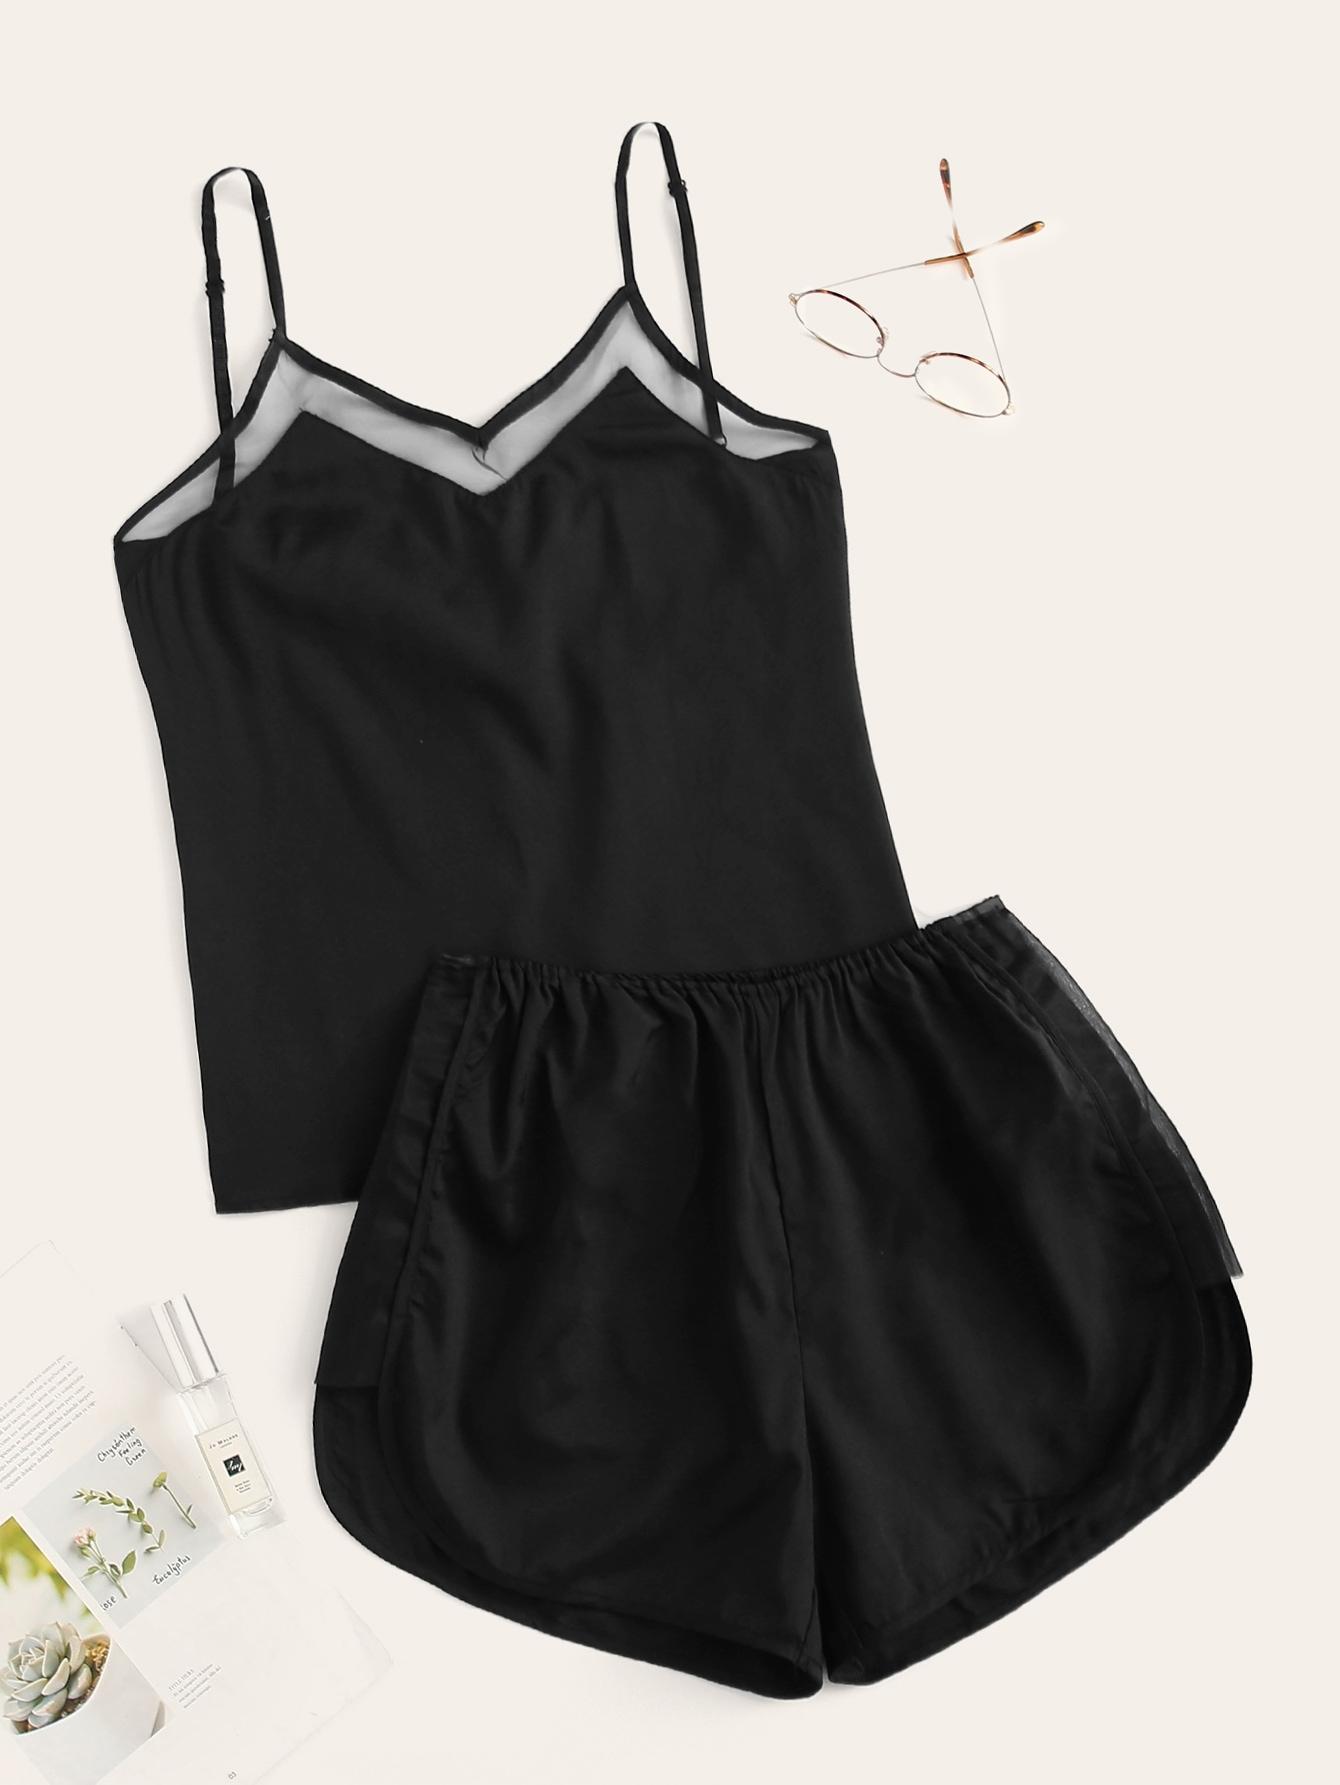 Фото - Комплект пижамы на бретелях со сеткой от SheIn цвет чёрные